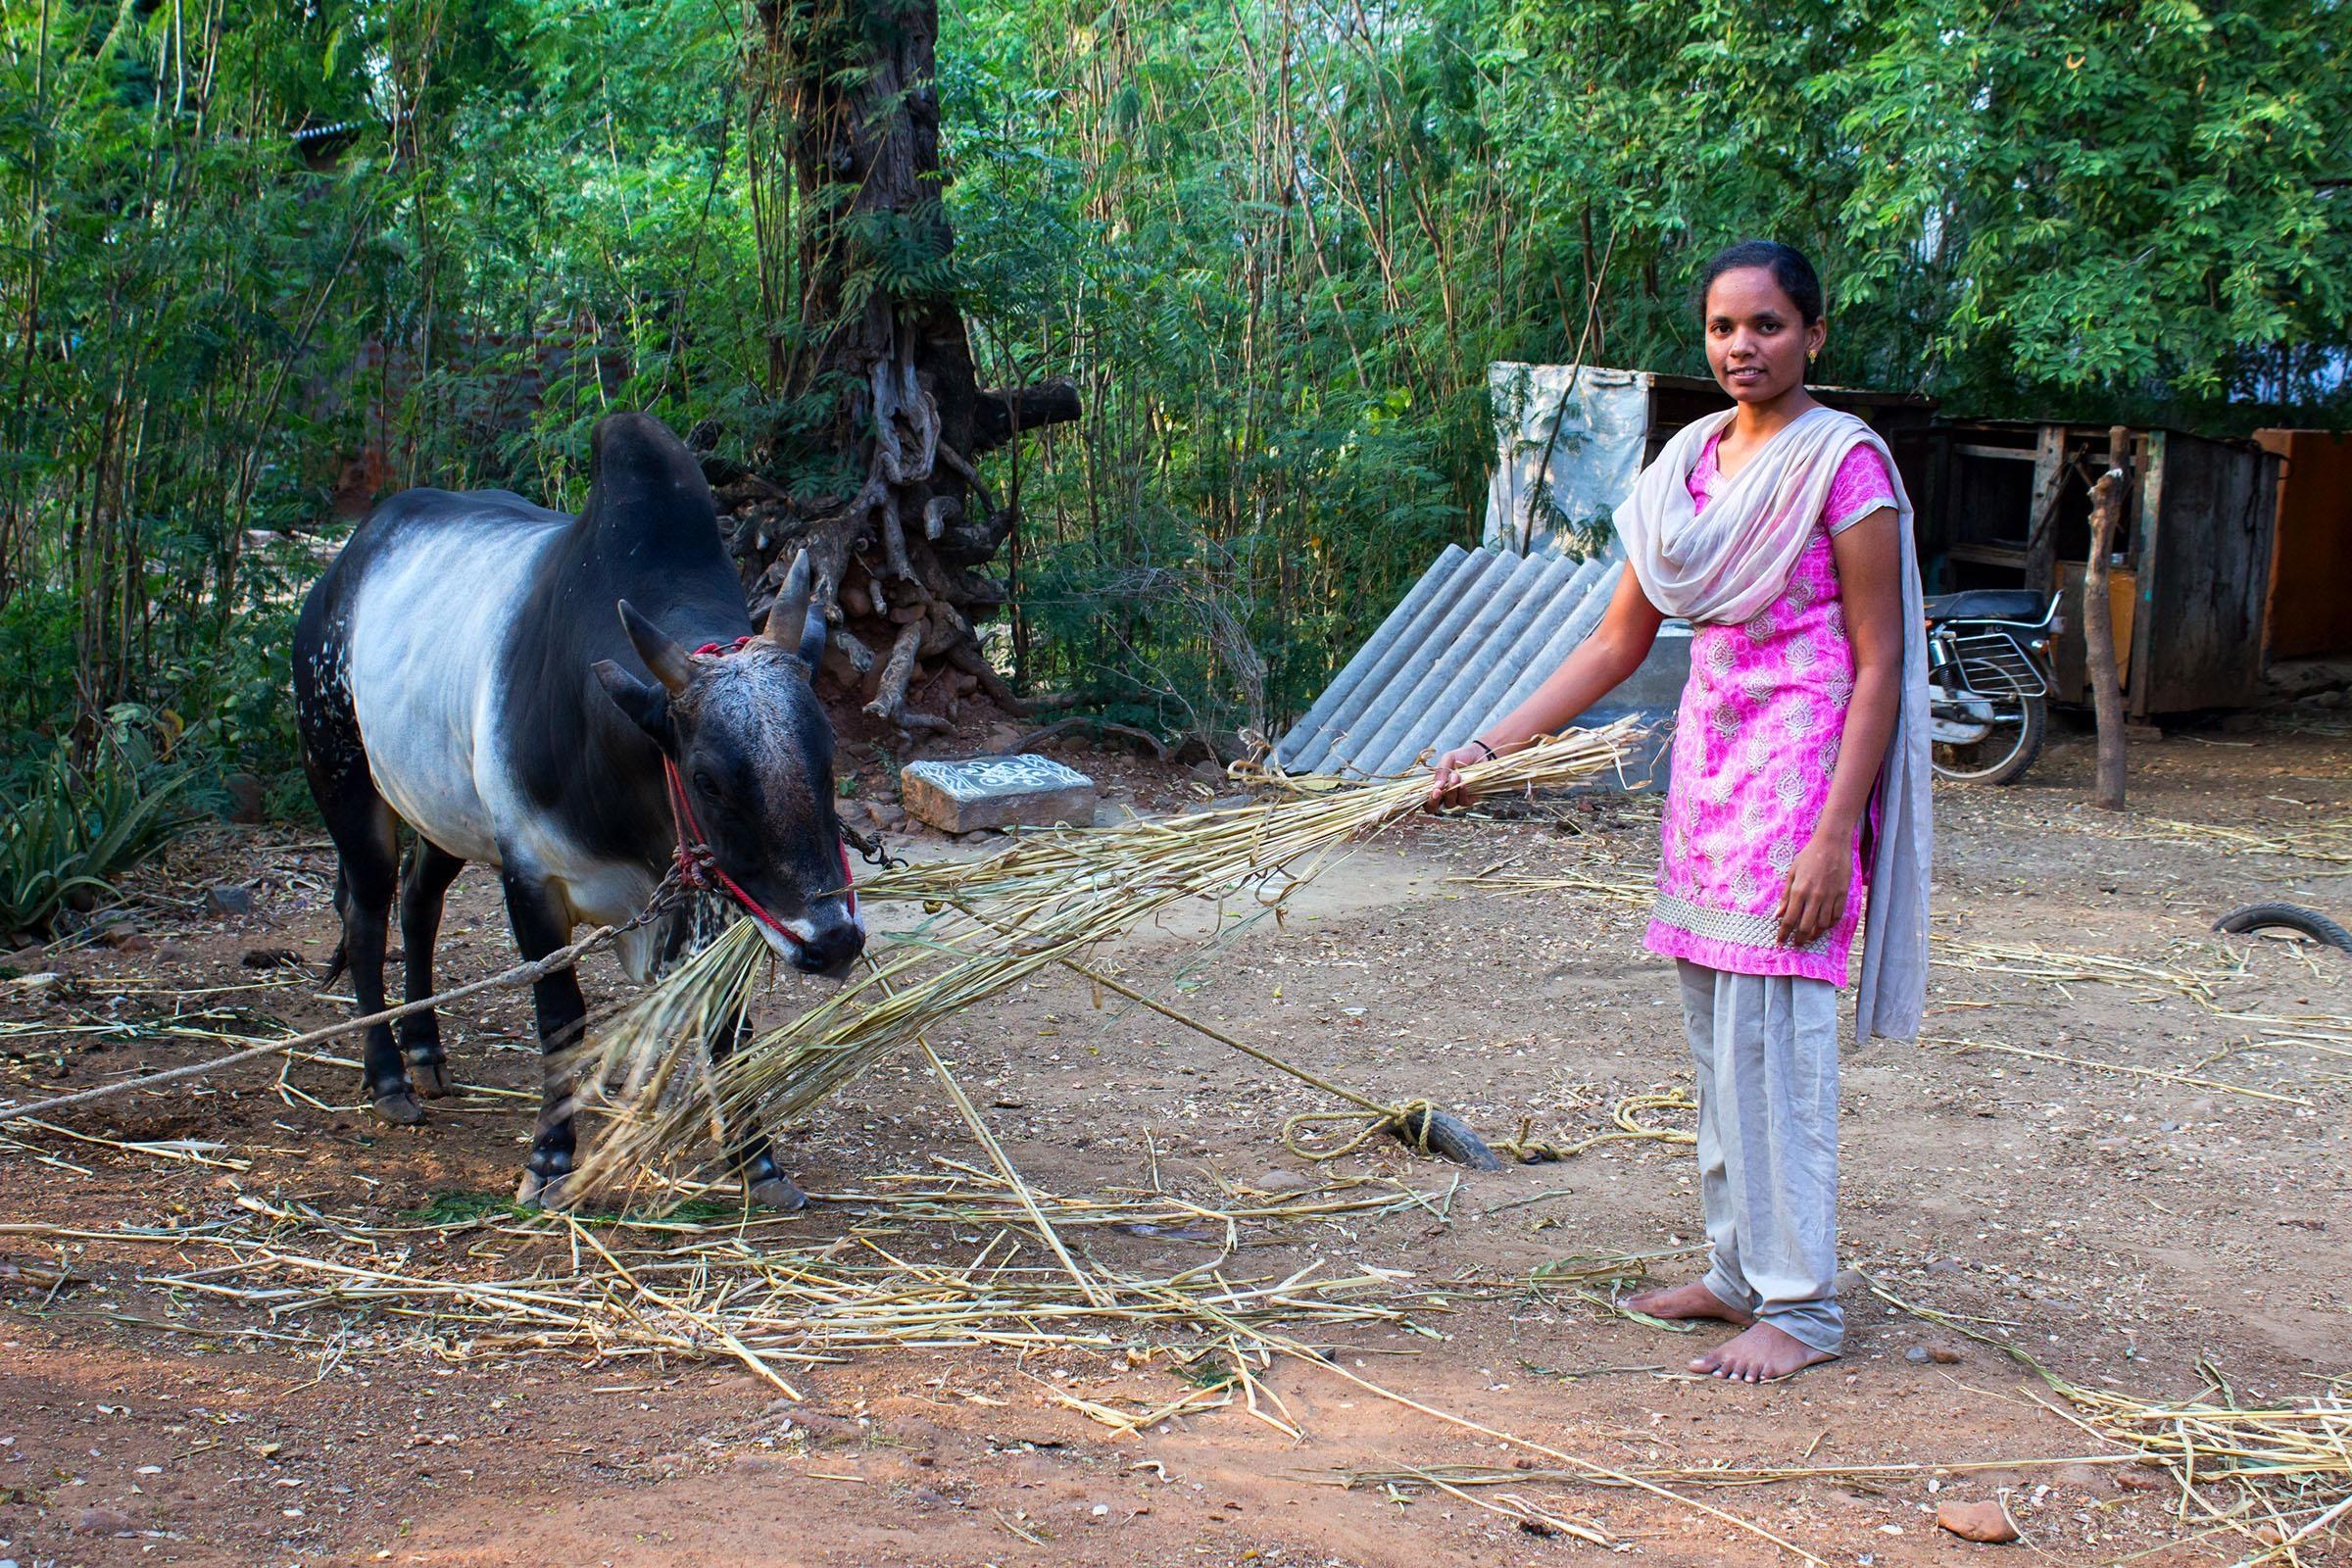 மேனகா காந்தி தன் காளை மாட்டுடன்